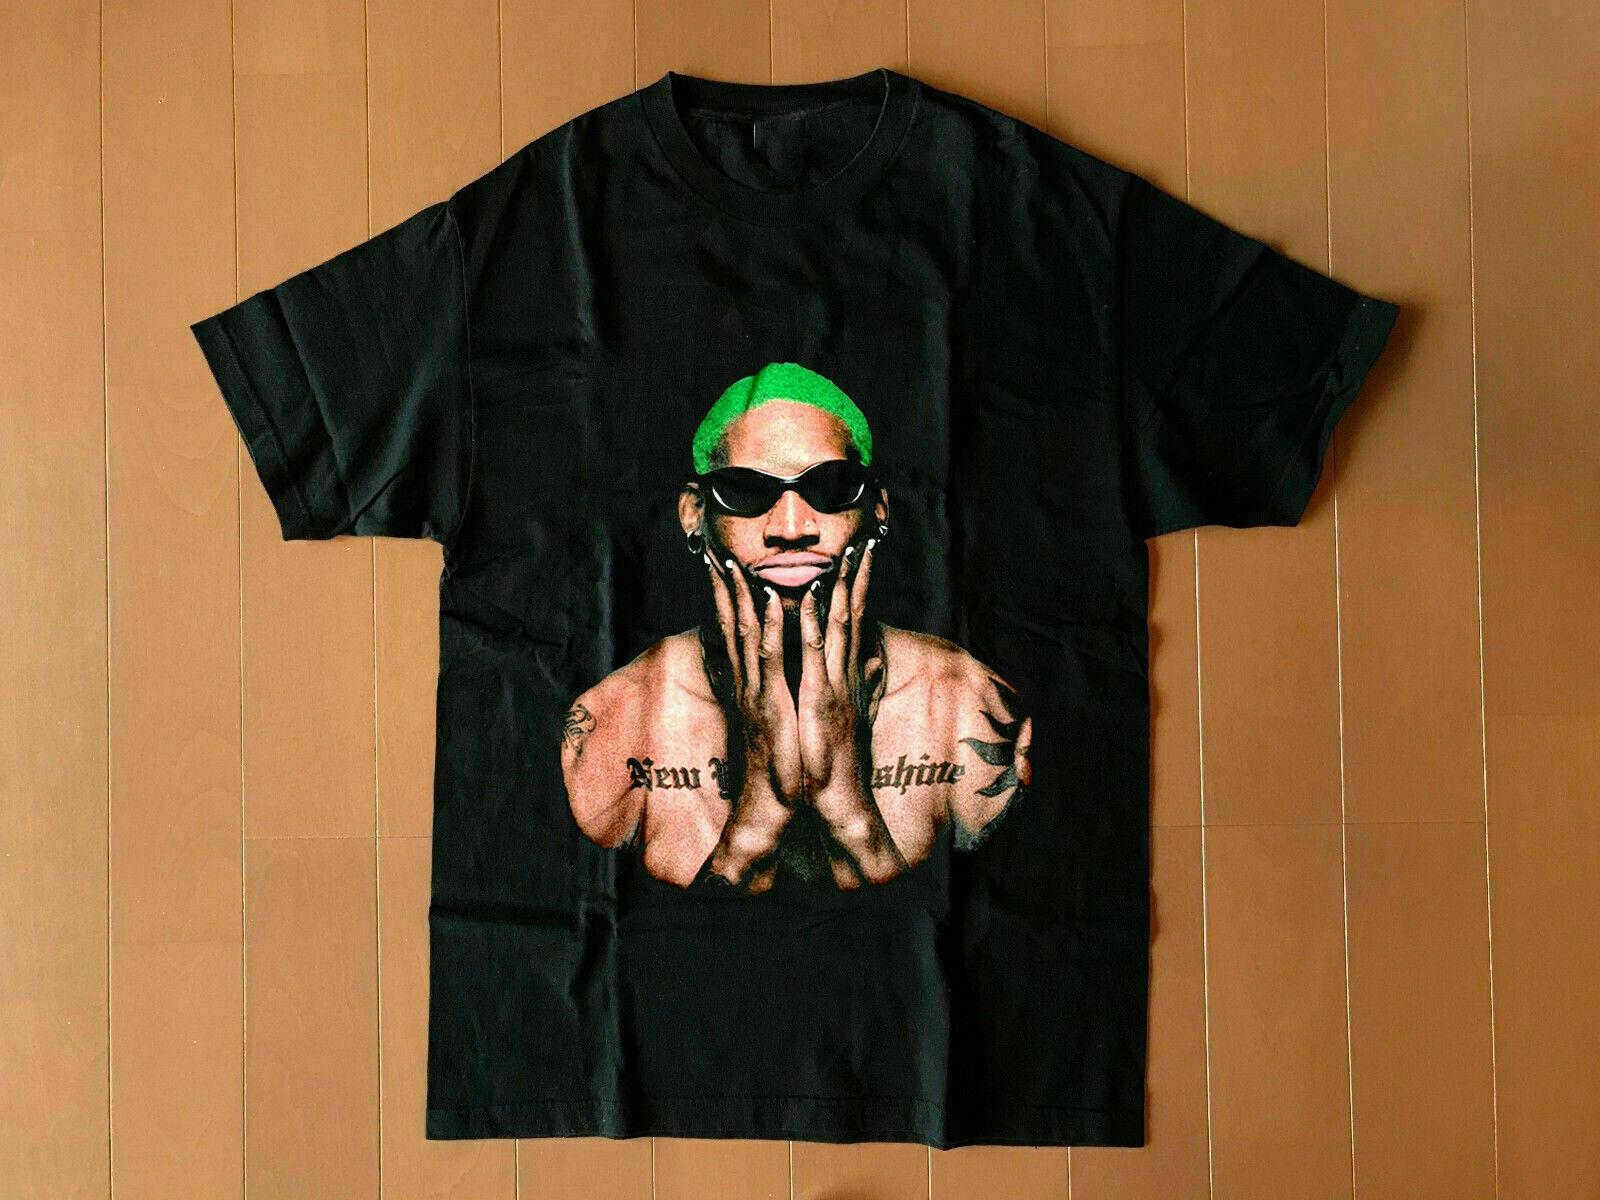 Винтажная черная футболка с изображением Денниса Родмана Нью-Йорка, унисекс, S 6Xl